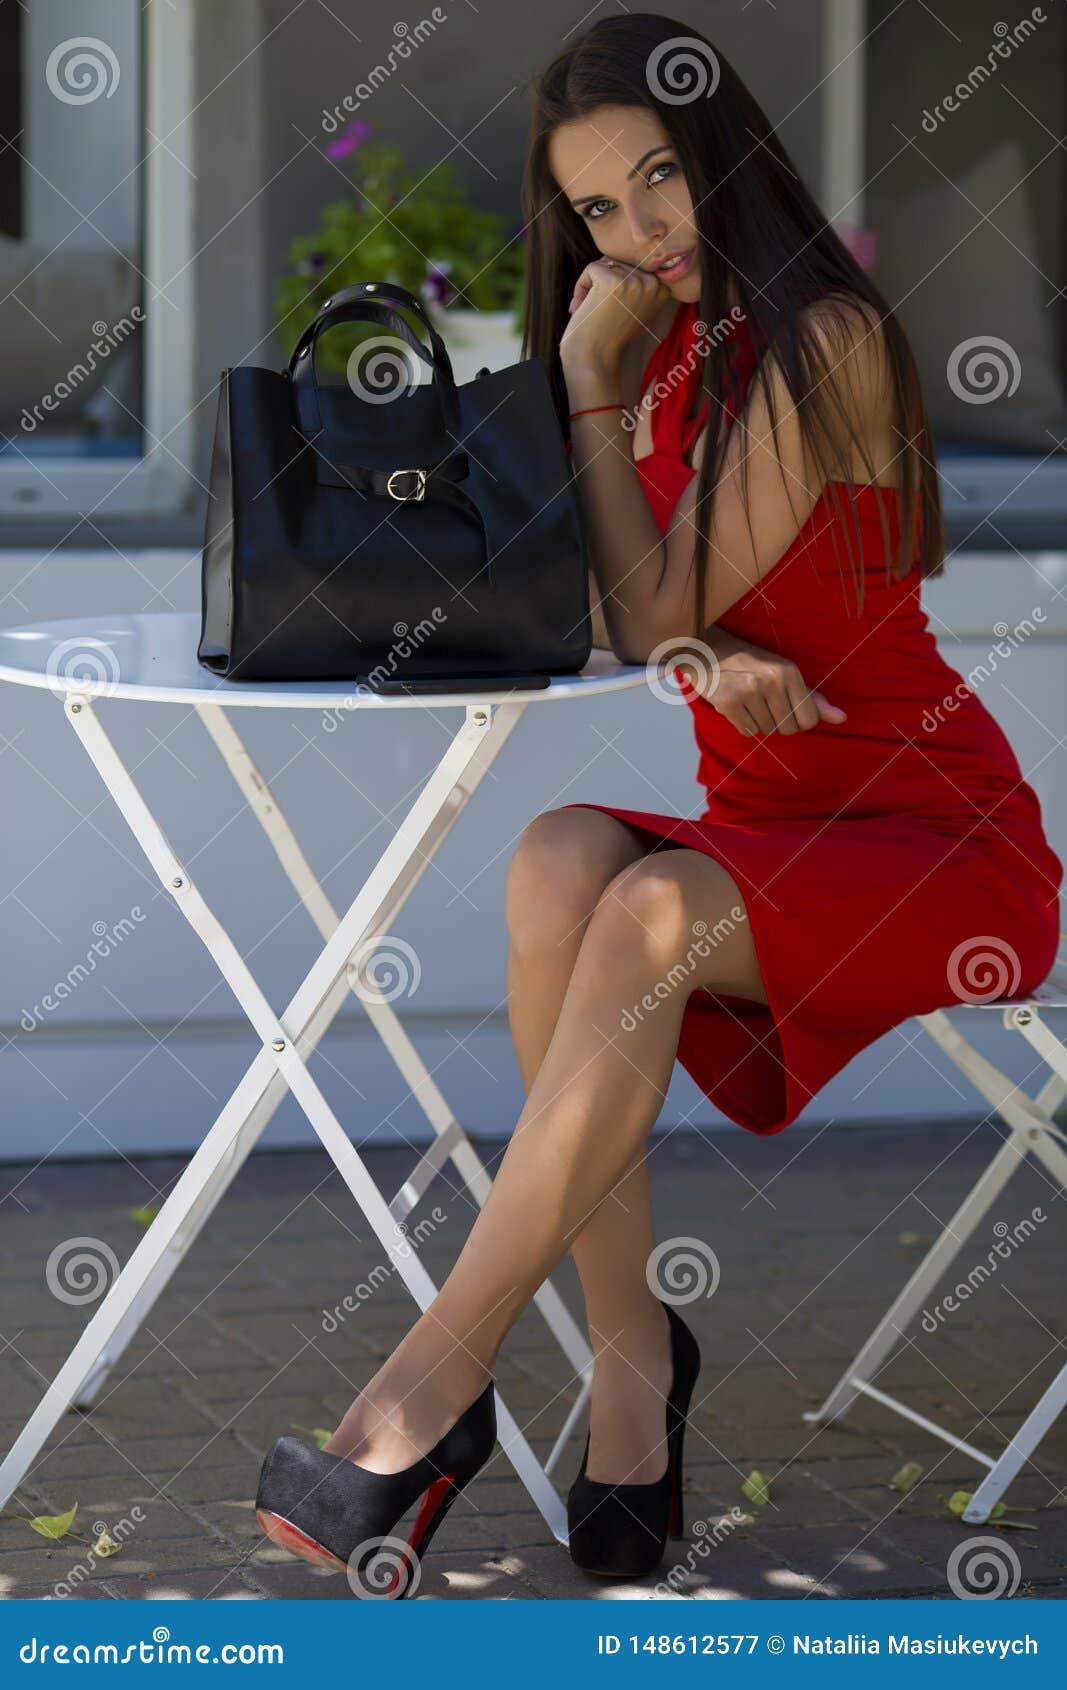 συνεδρίαση κοριτσιών στην καρέκλα στα κομψά παπούτσια με μια μοντέρνη μαύρη τσάντα